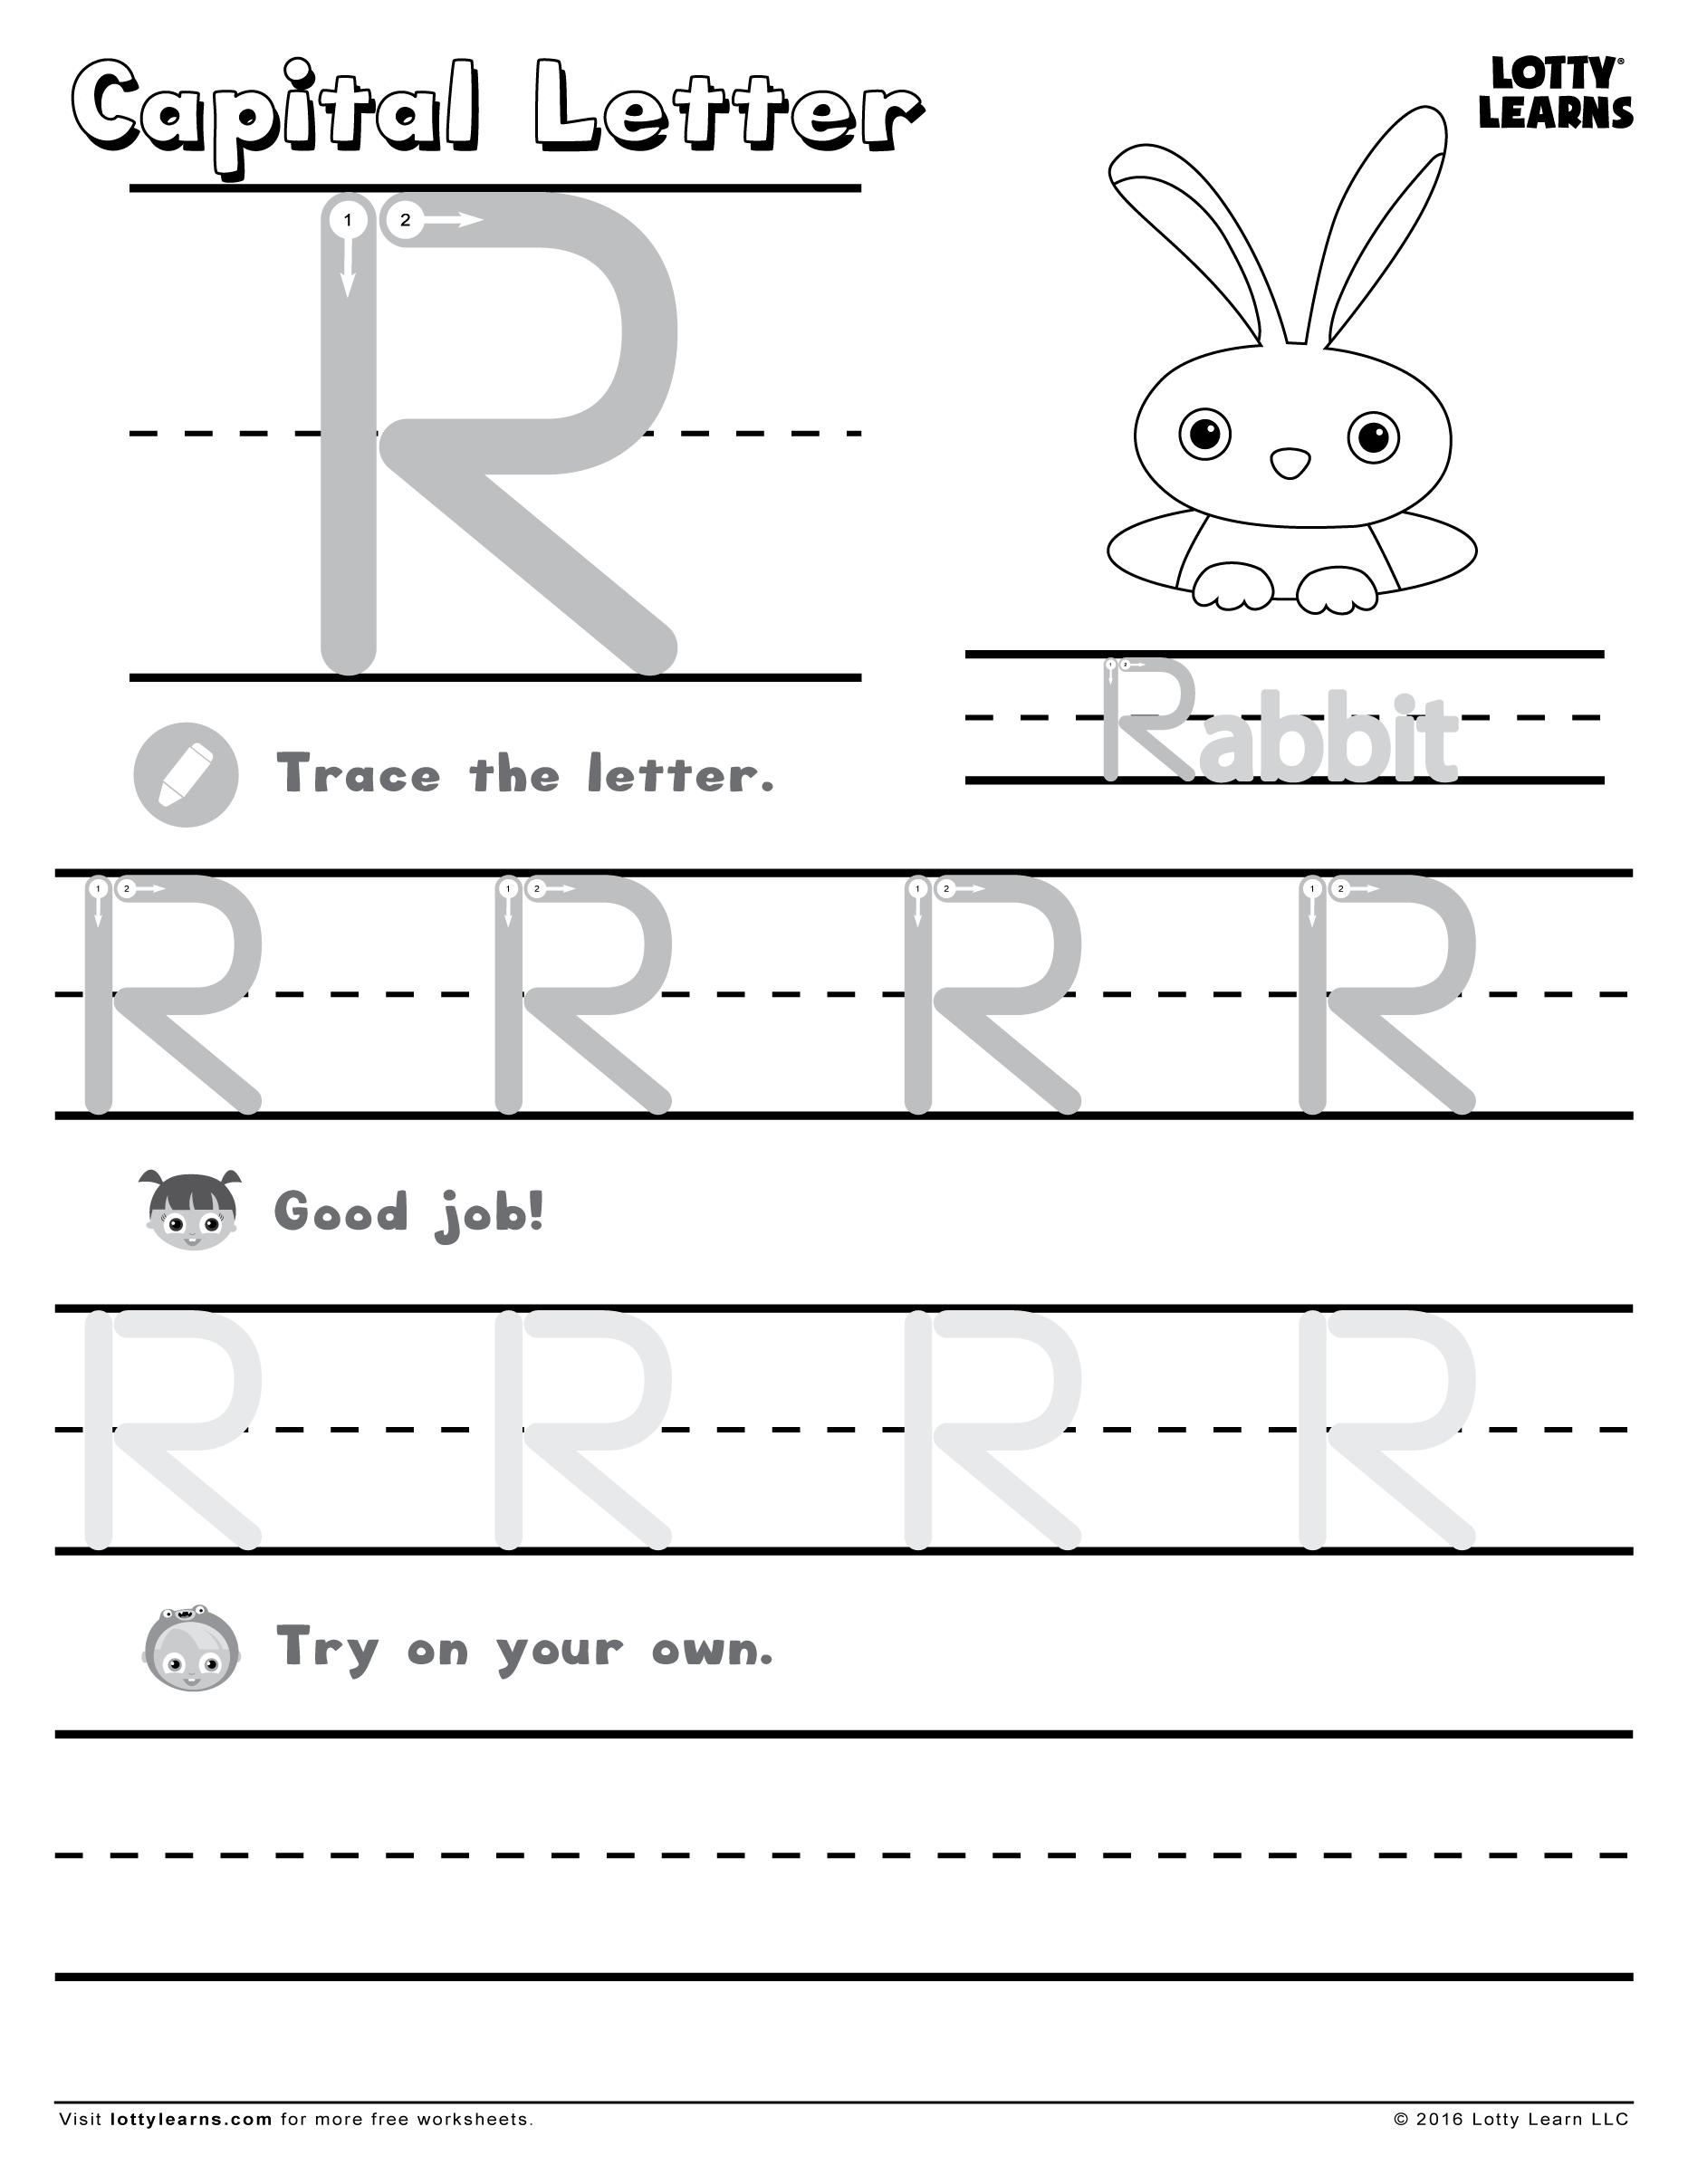 Capital Letter R Lotty Learns Alphabet Practice Sheets Alphabet Practice Learning Letters [ 2412 x 1864 Pixel ]